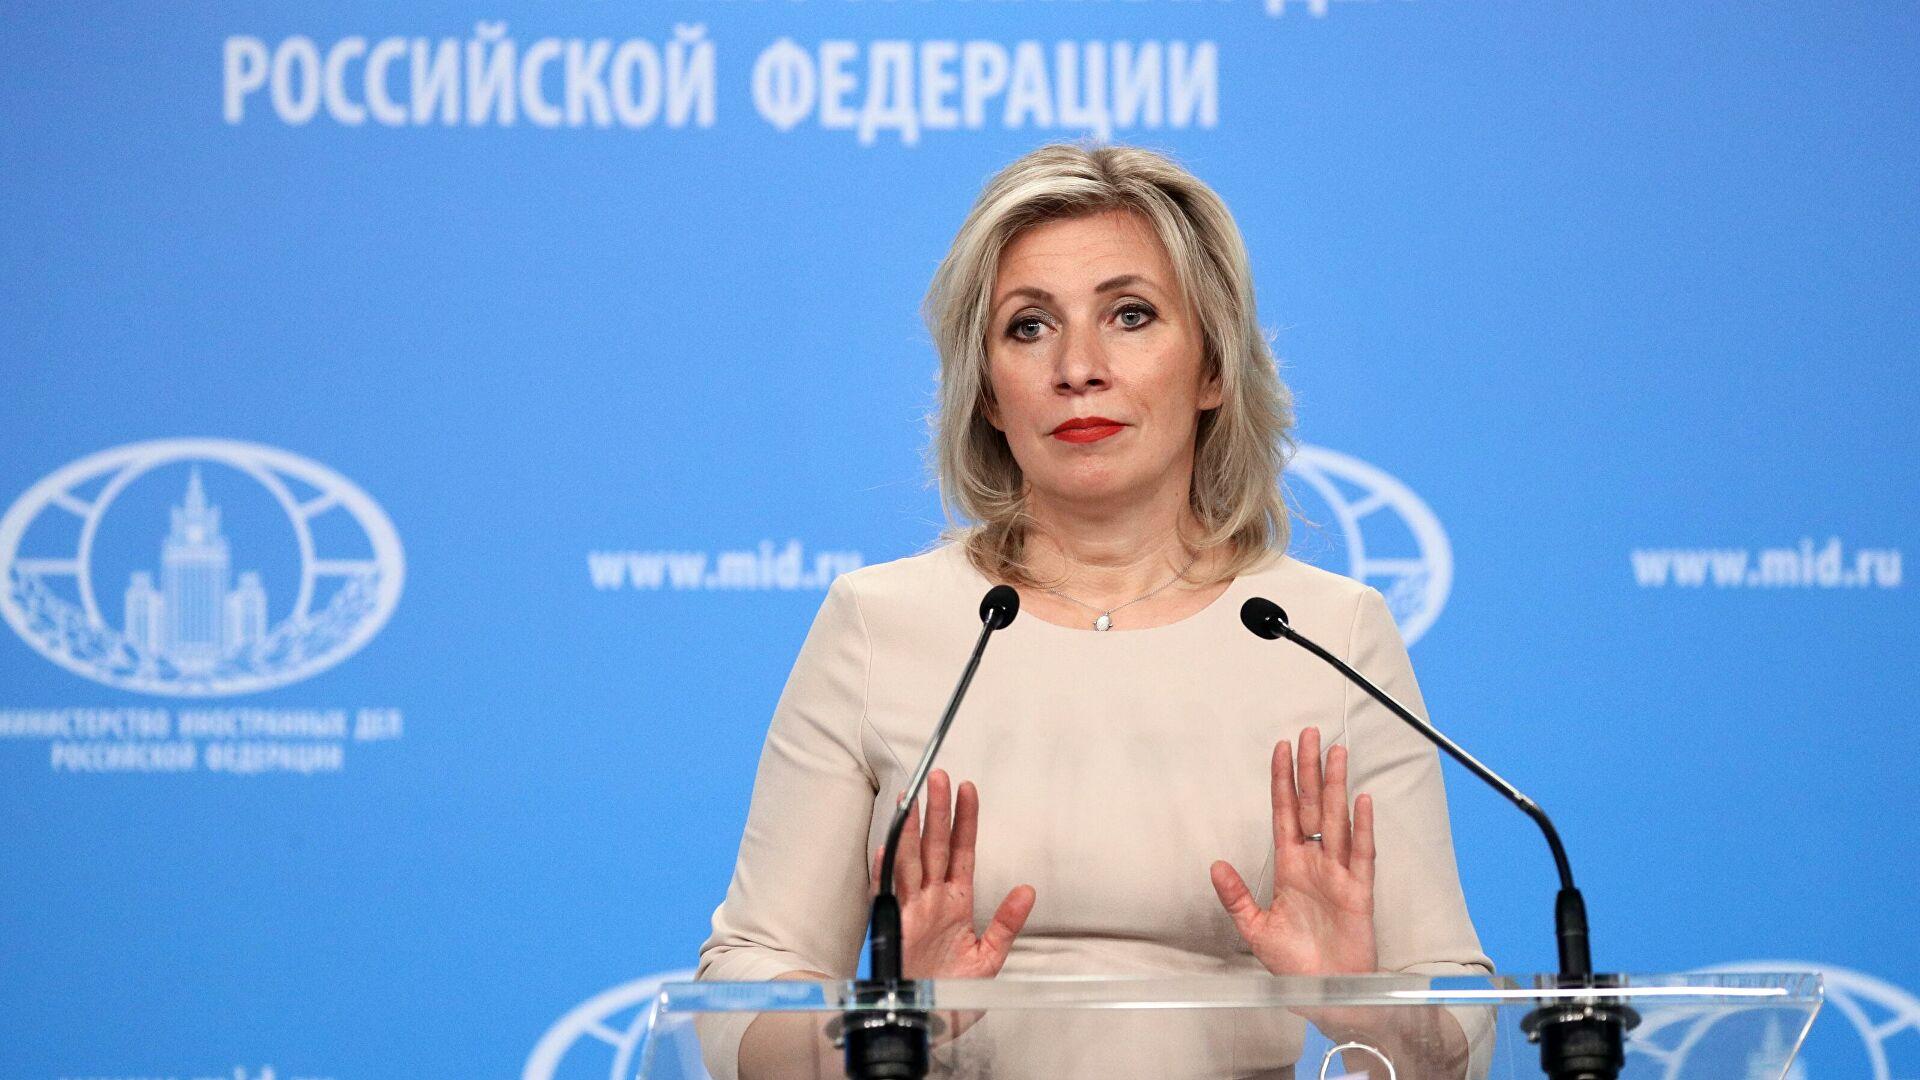 Захарова: На било какав непријатељски корак против Русије следи одлучан сразмеран одговор